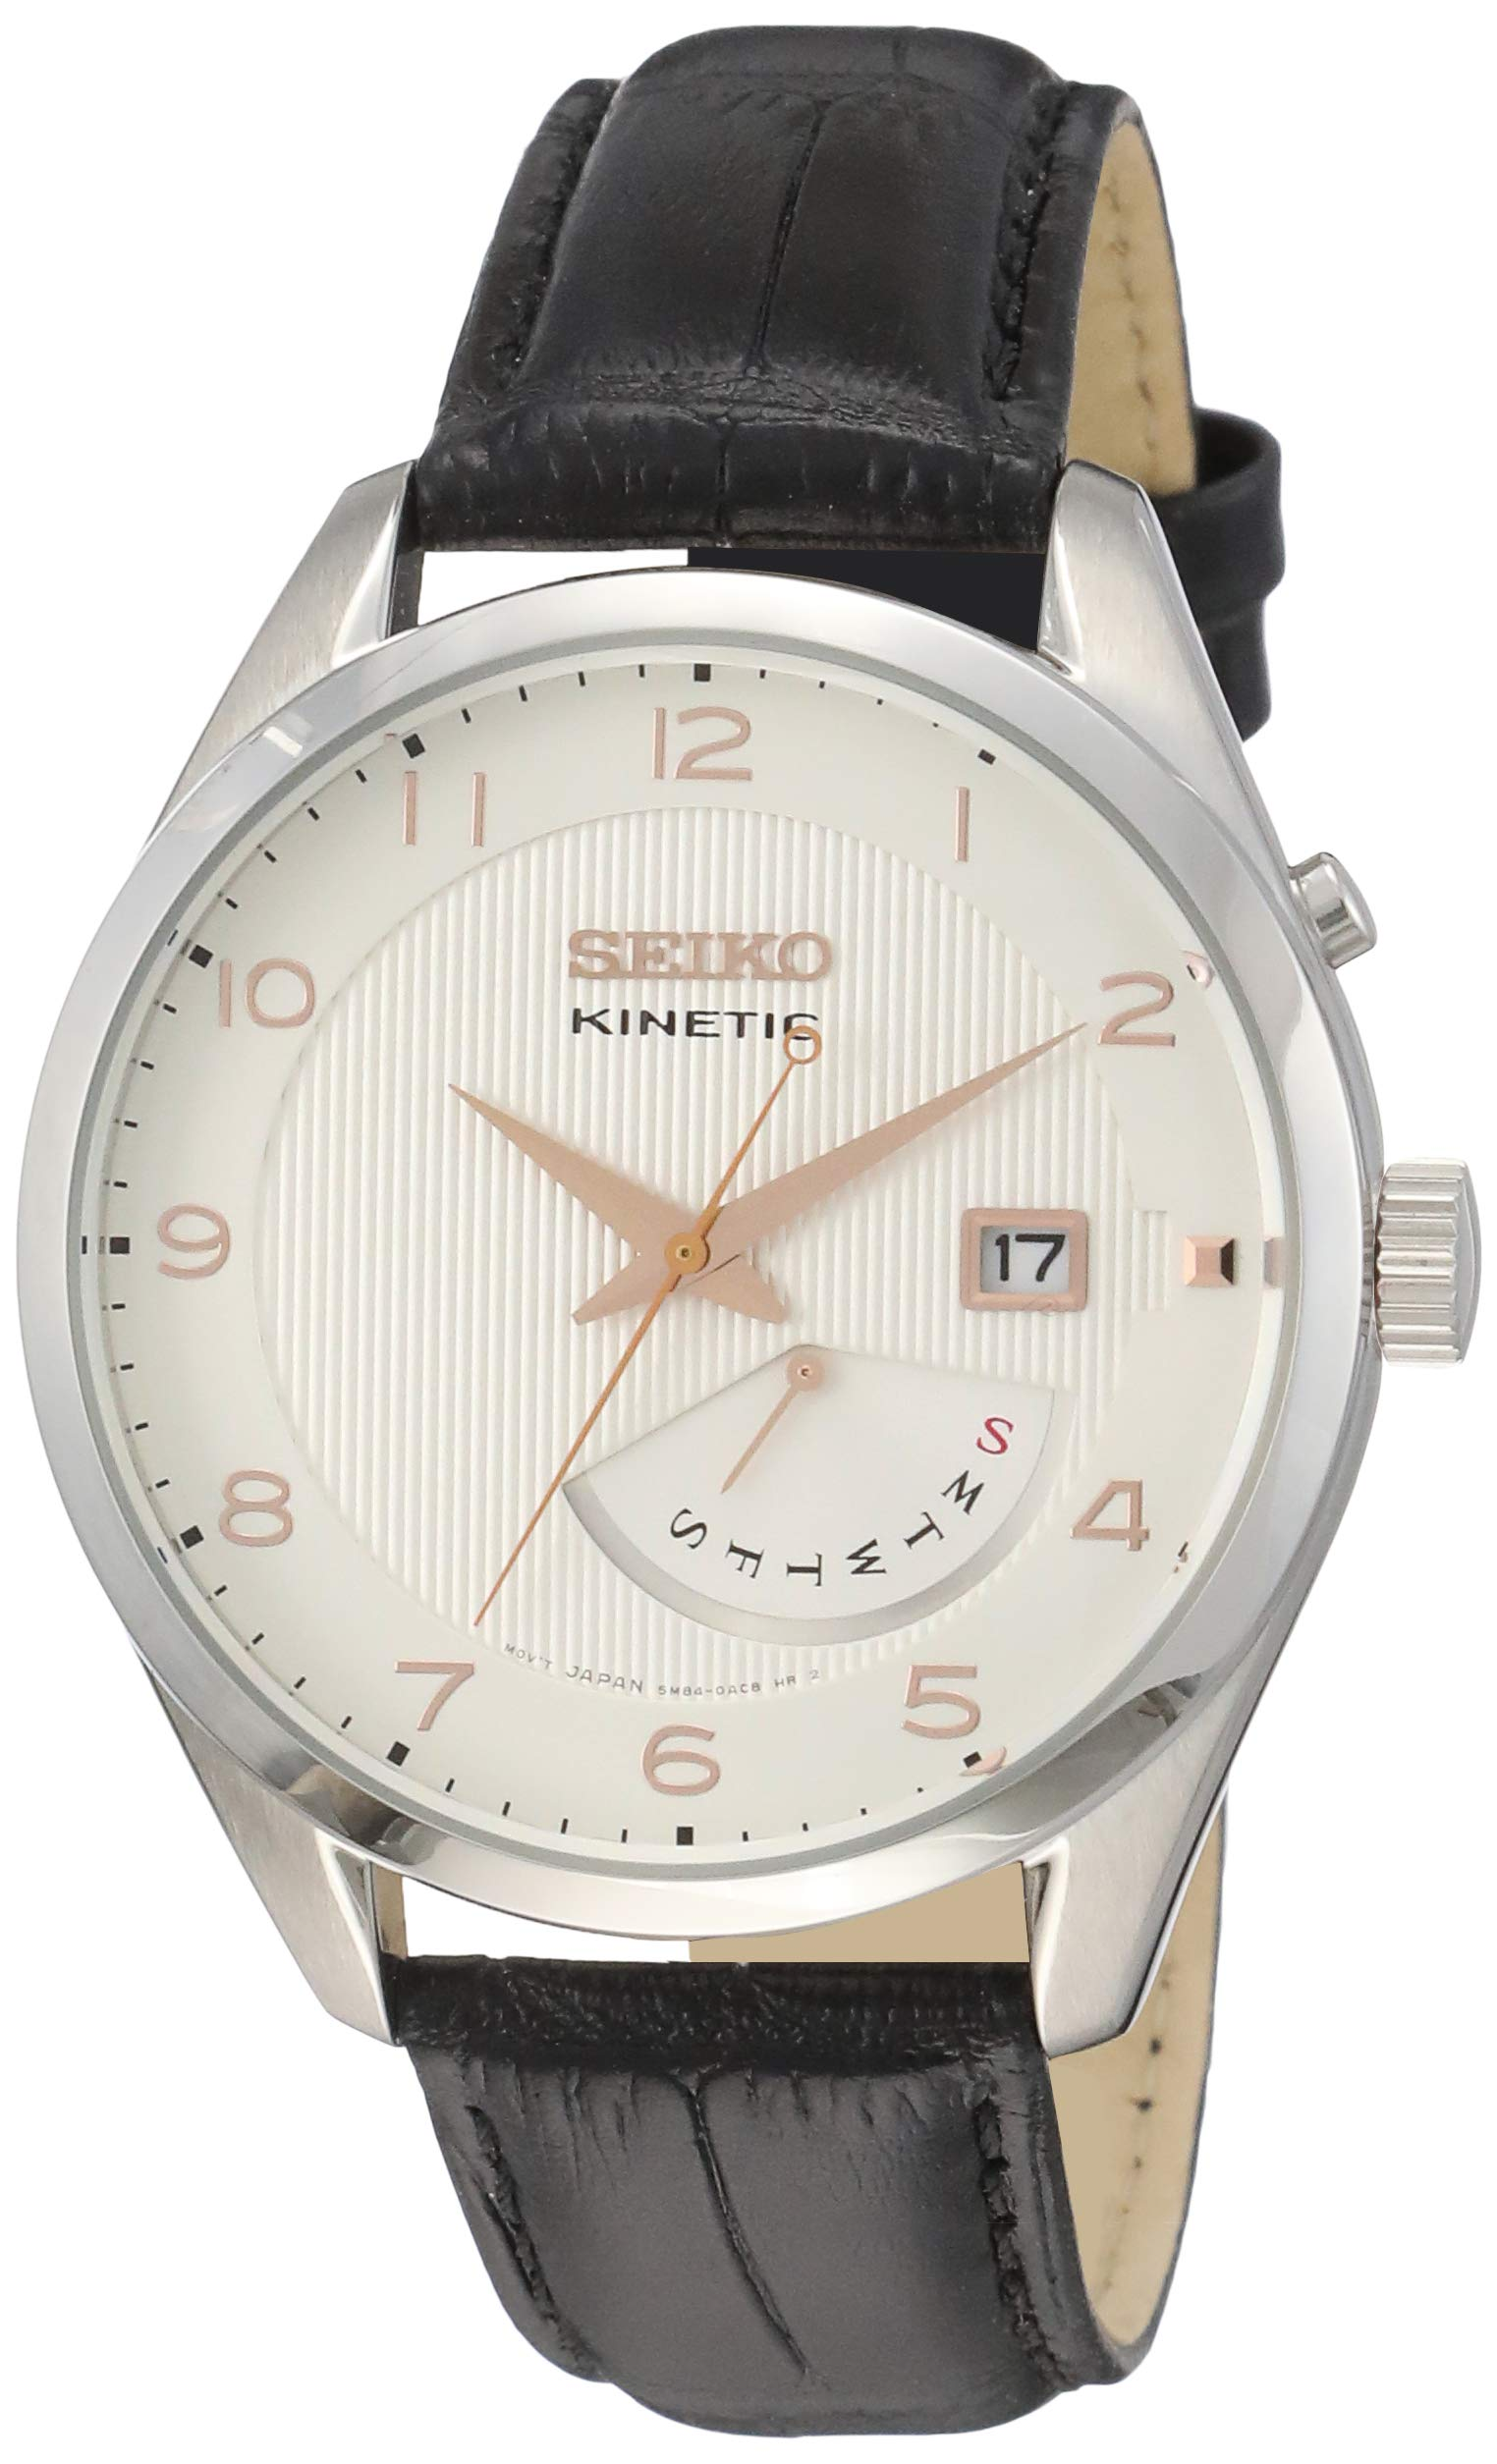 Men's SRN049-P1 Kinetic Black Leather Watch